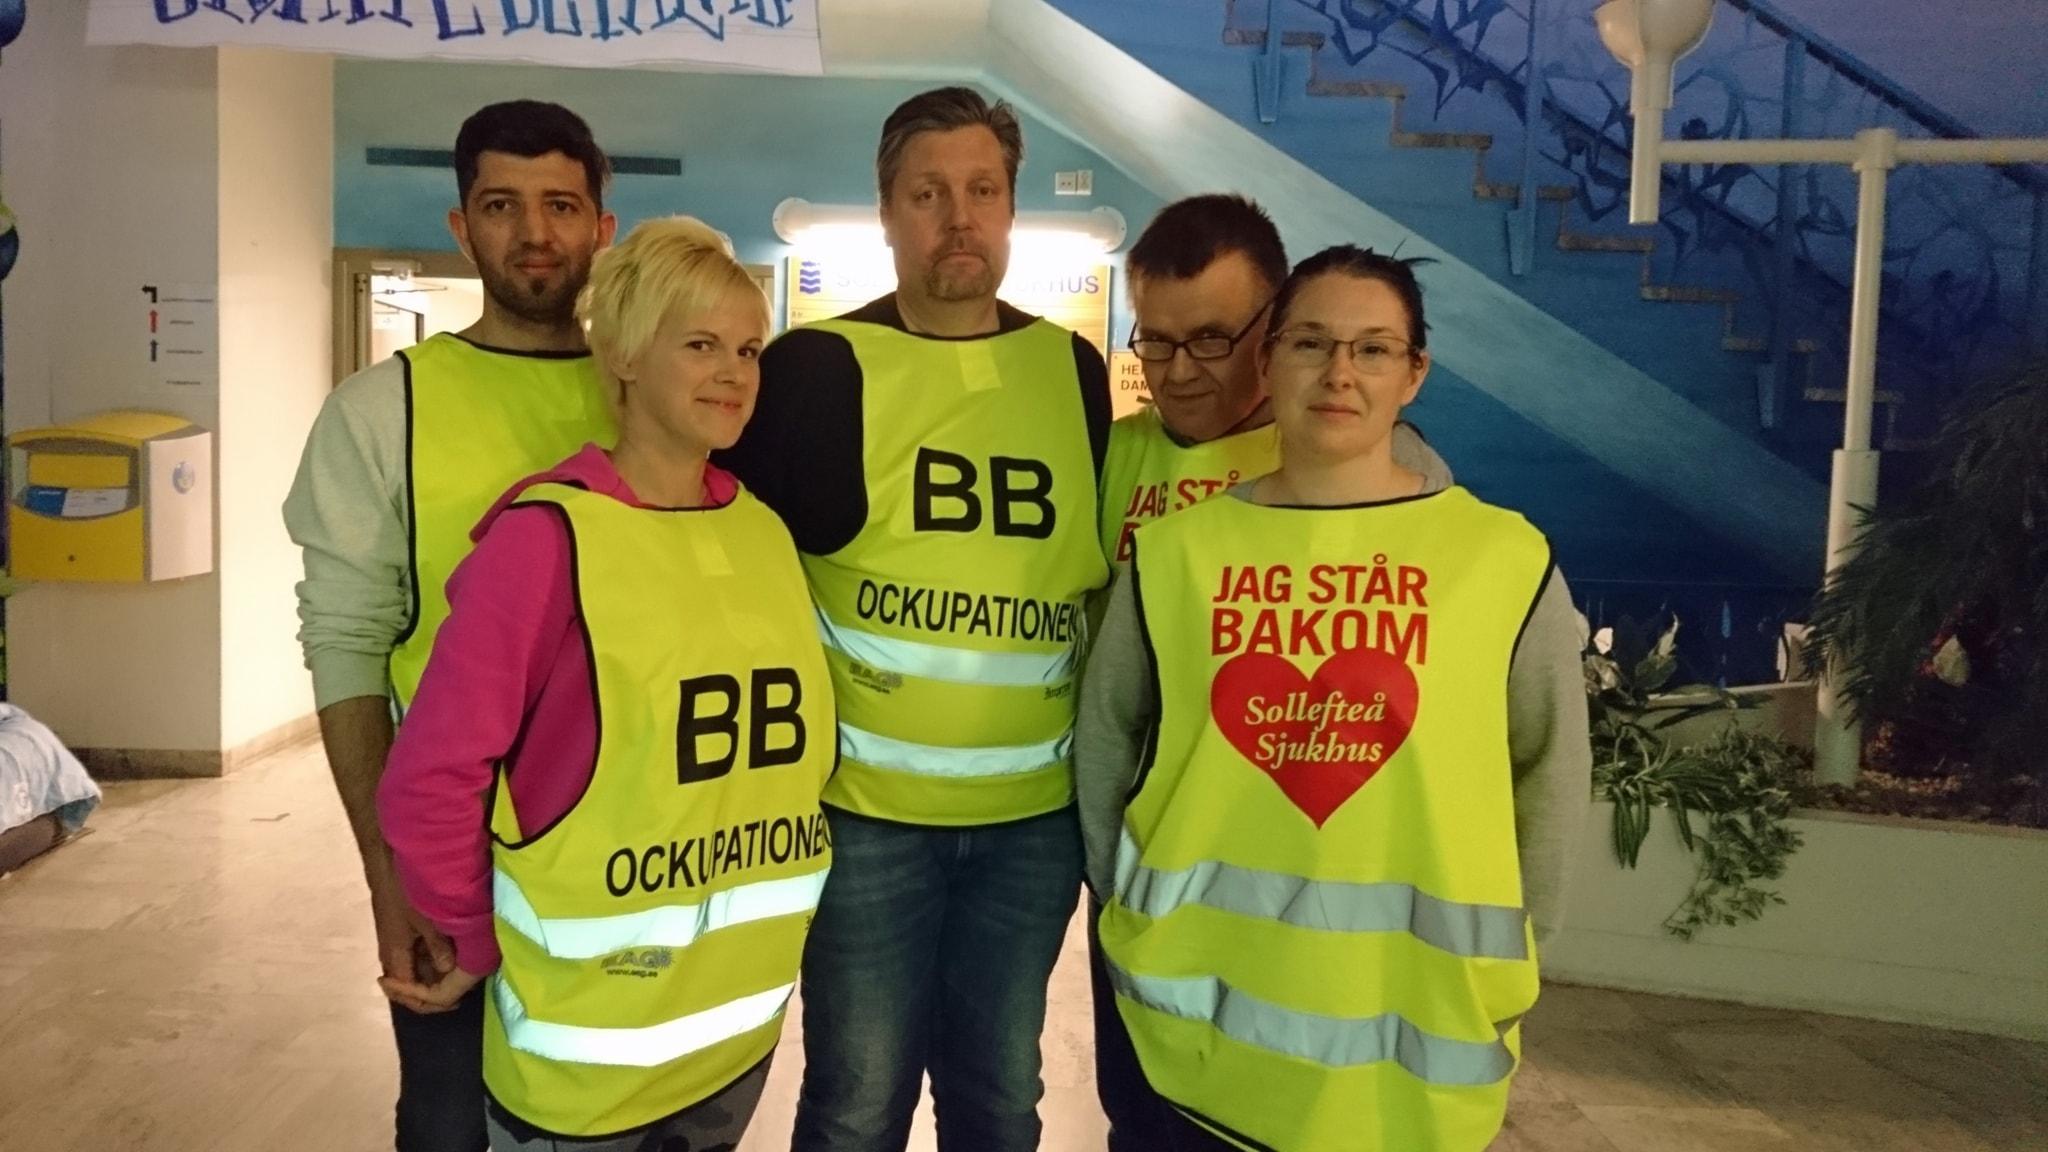 BB-ockupationen